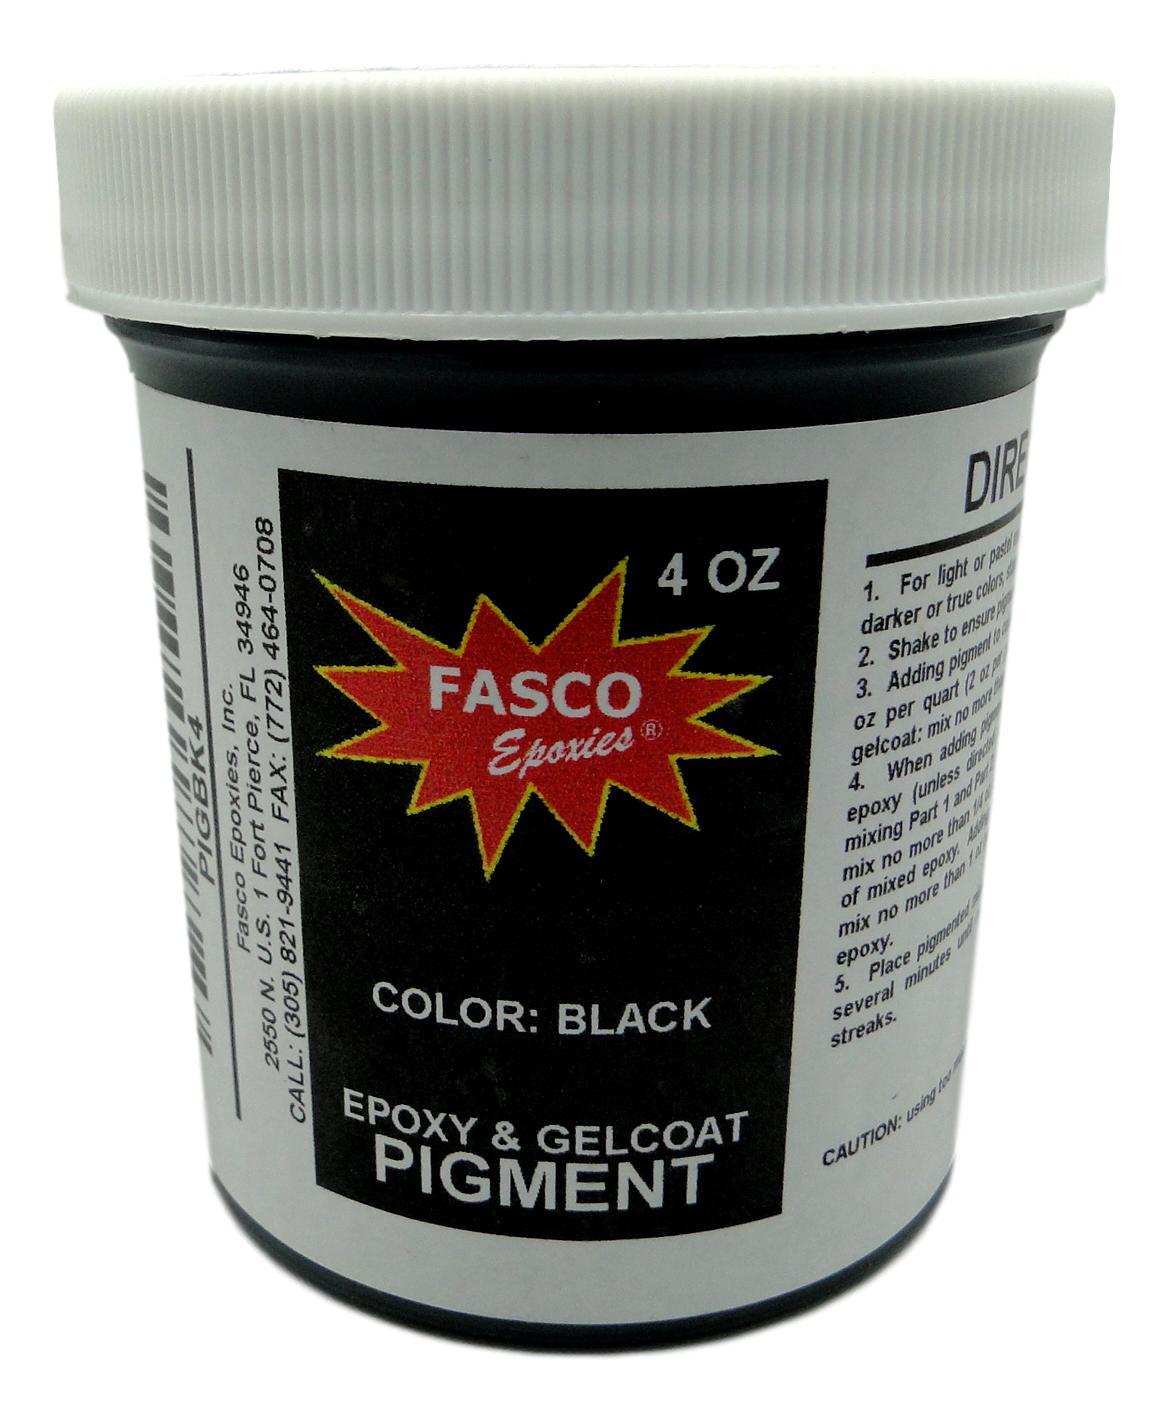 Fasco Pigments